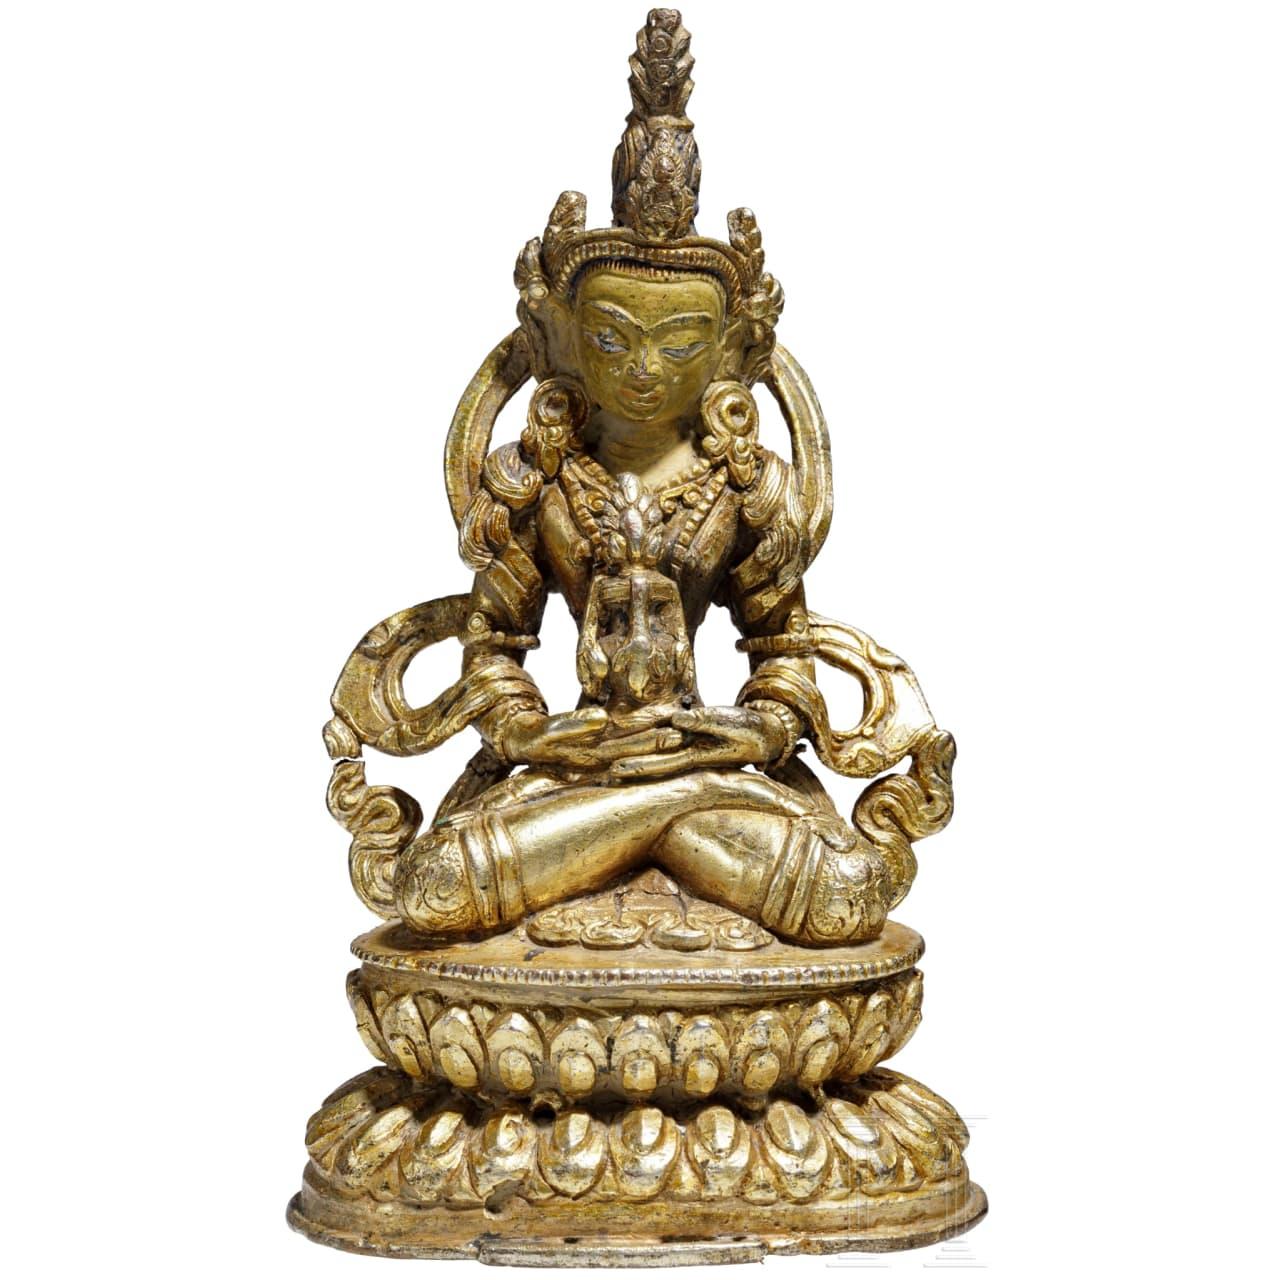 Figur des Amithabha mit Amrita-Gefäß, Bronze, Tibet, 18. Jhdt.